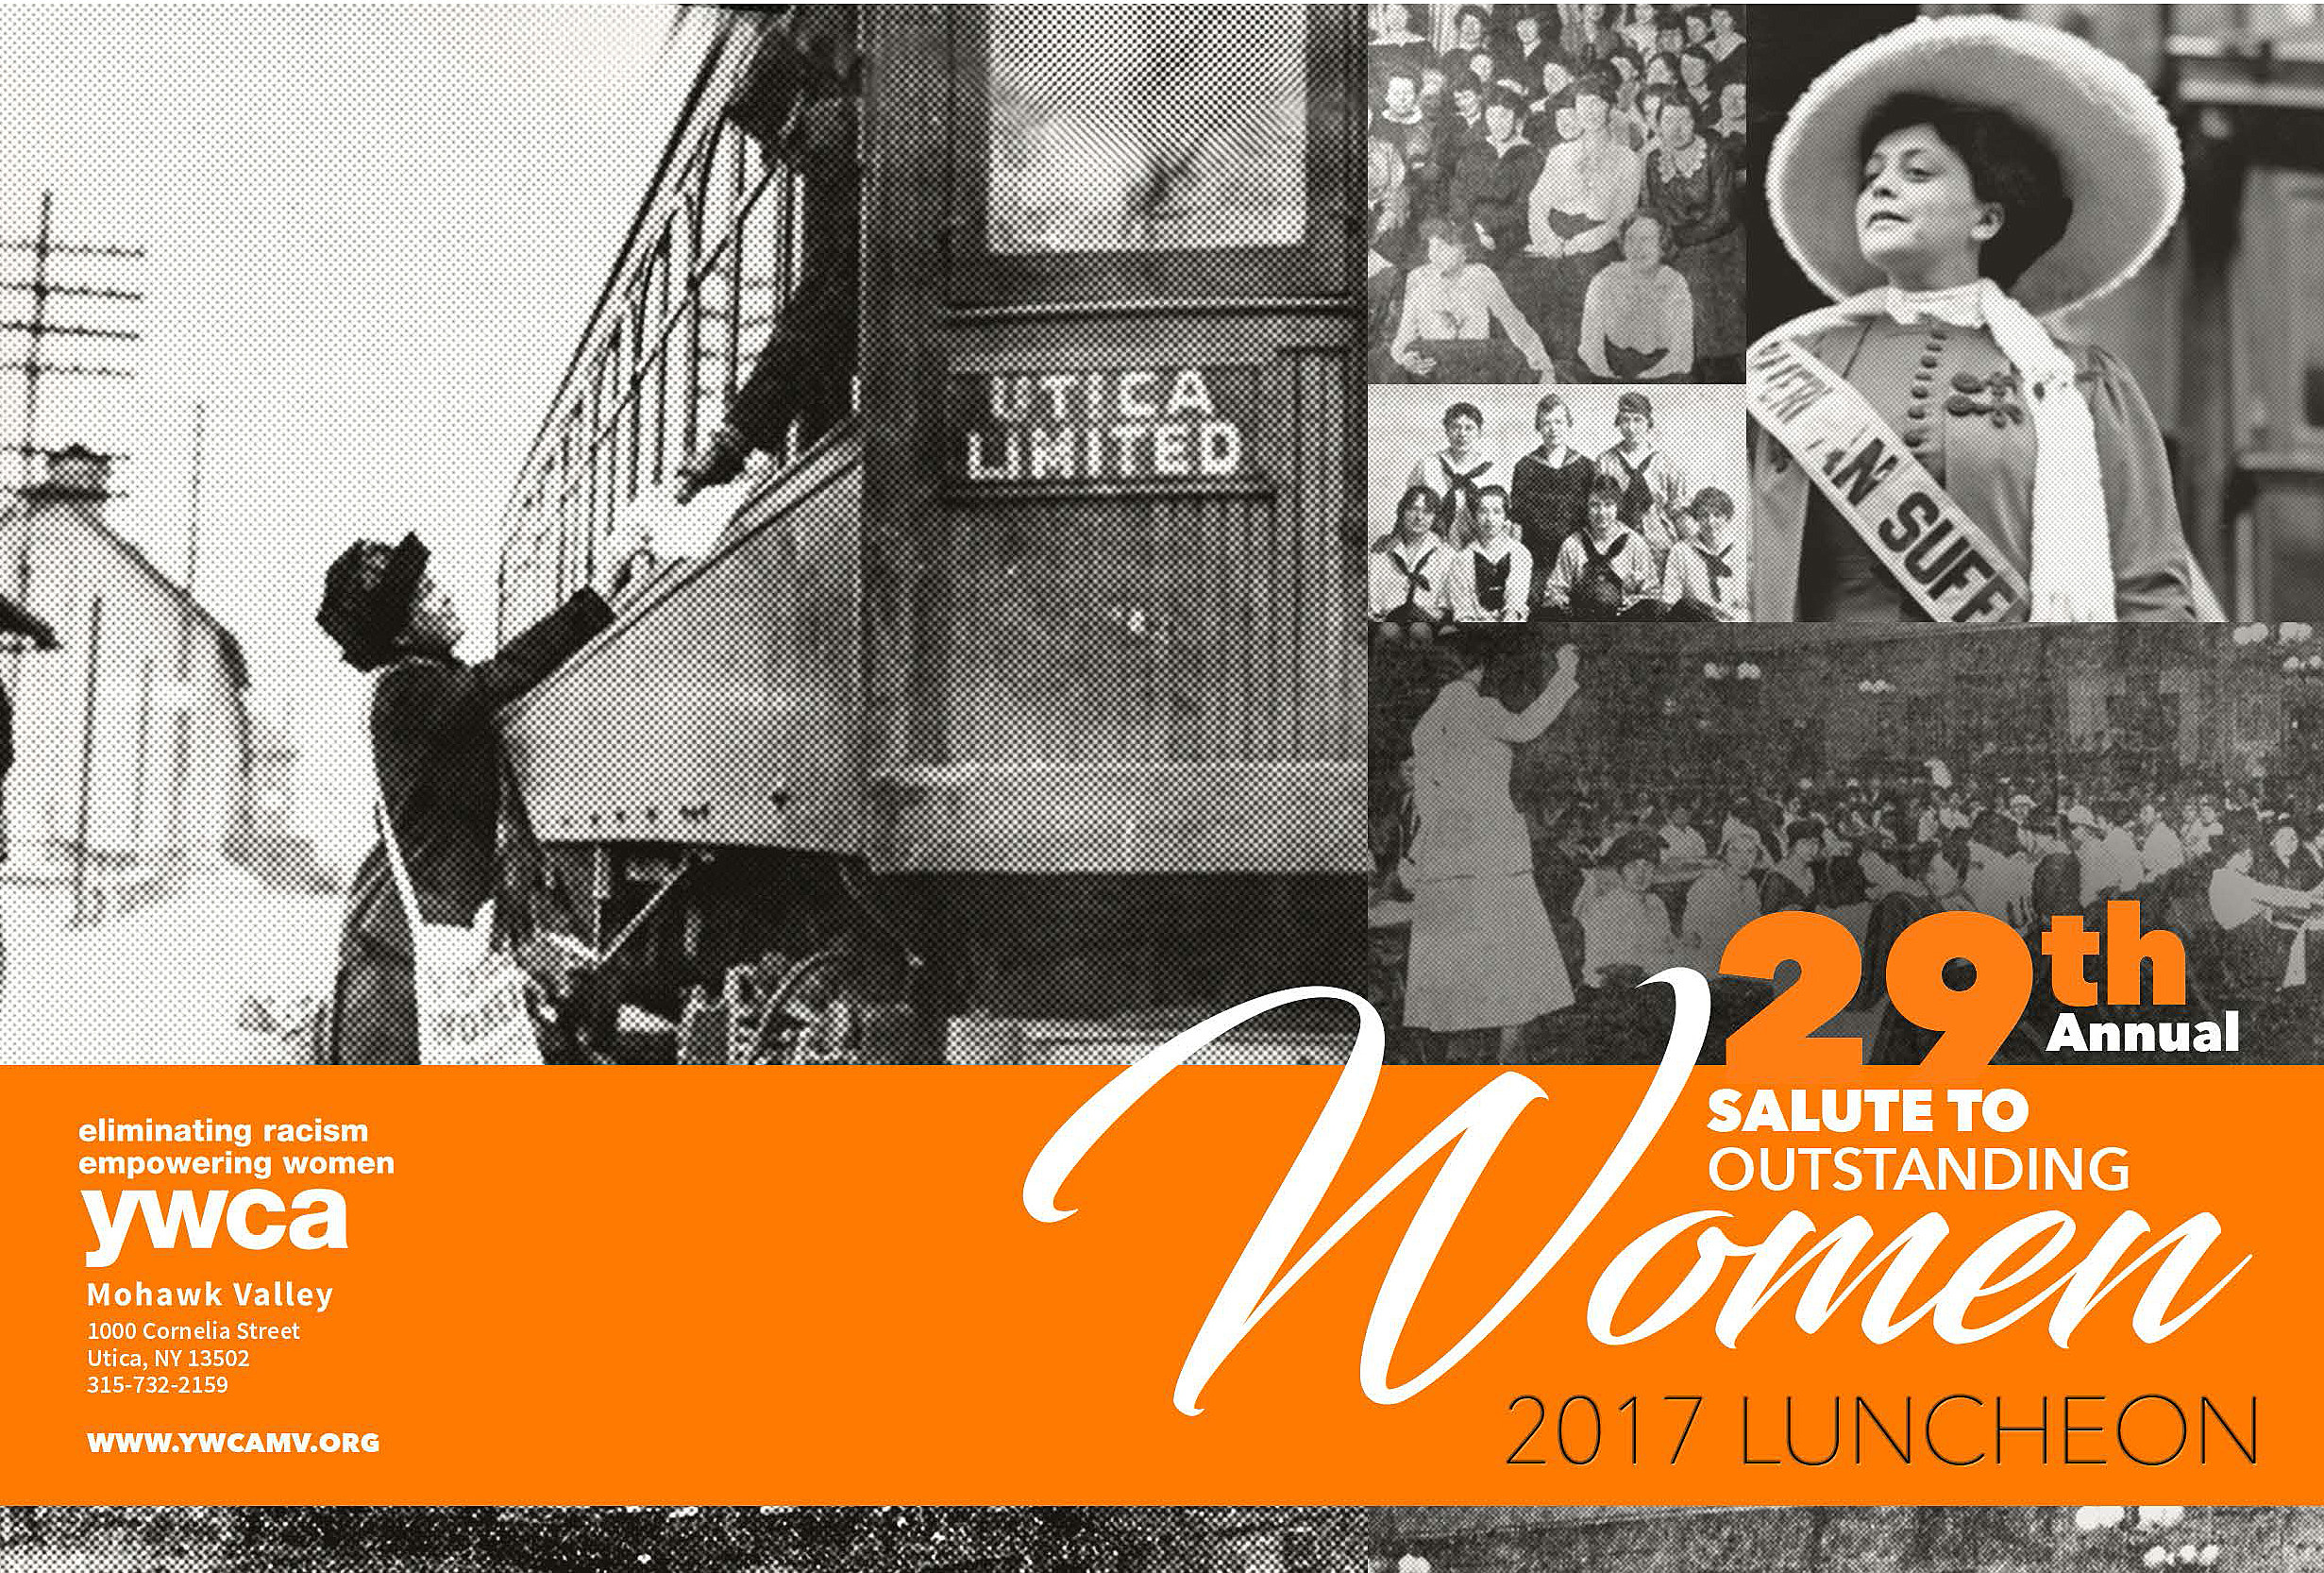 YWCA.org